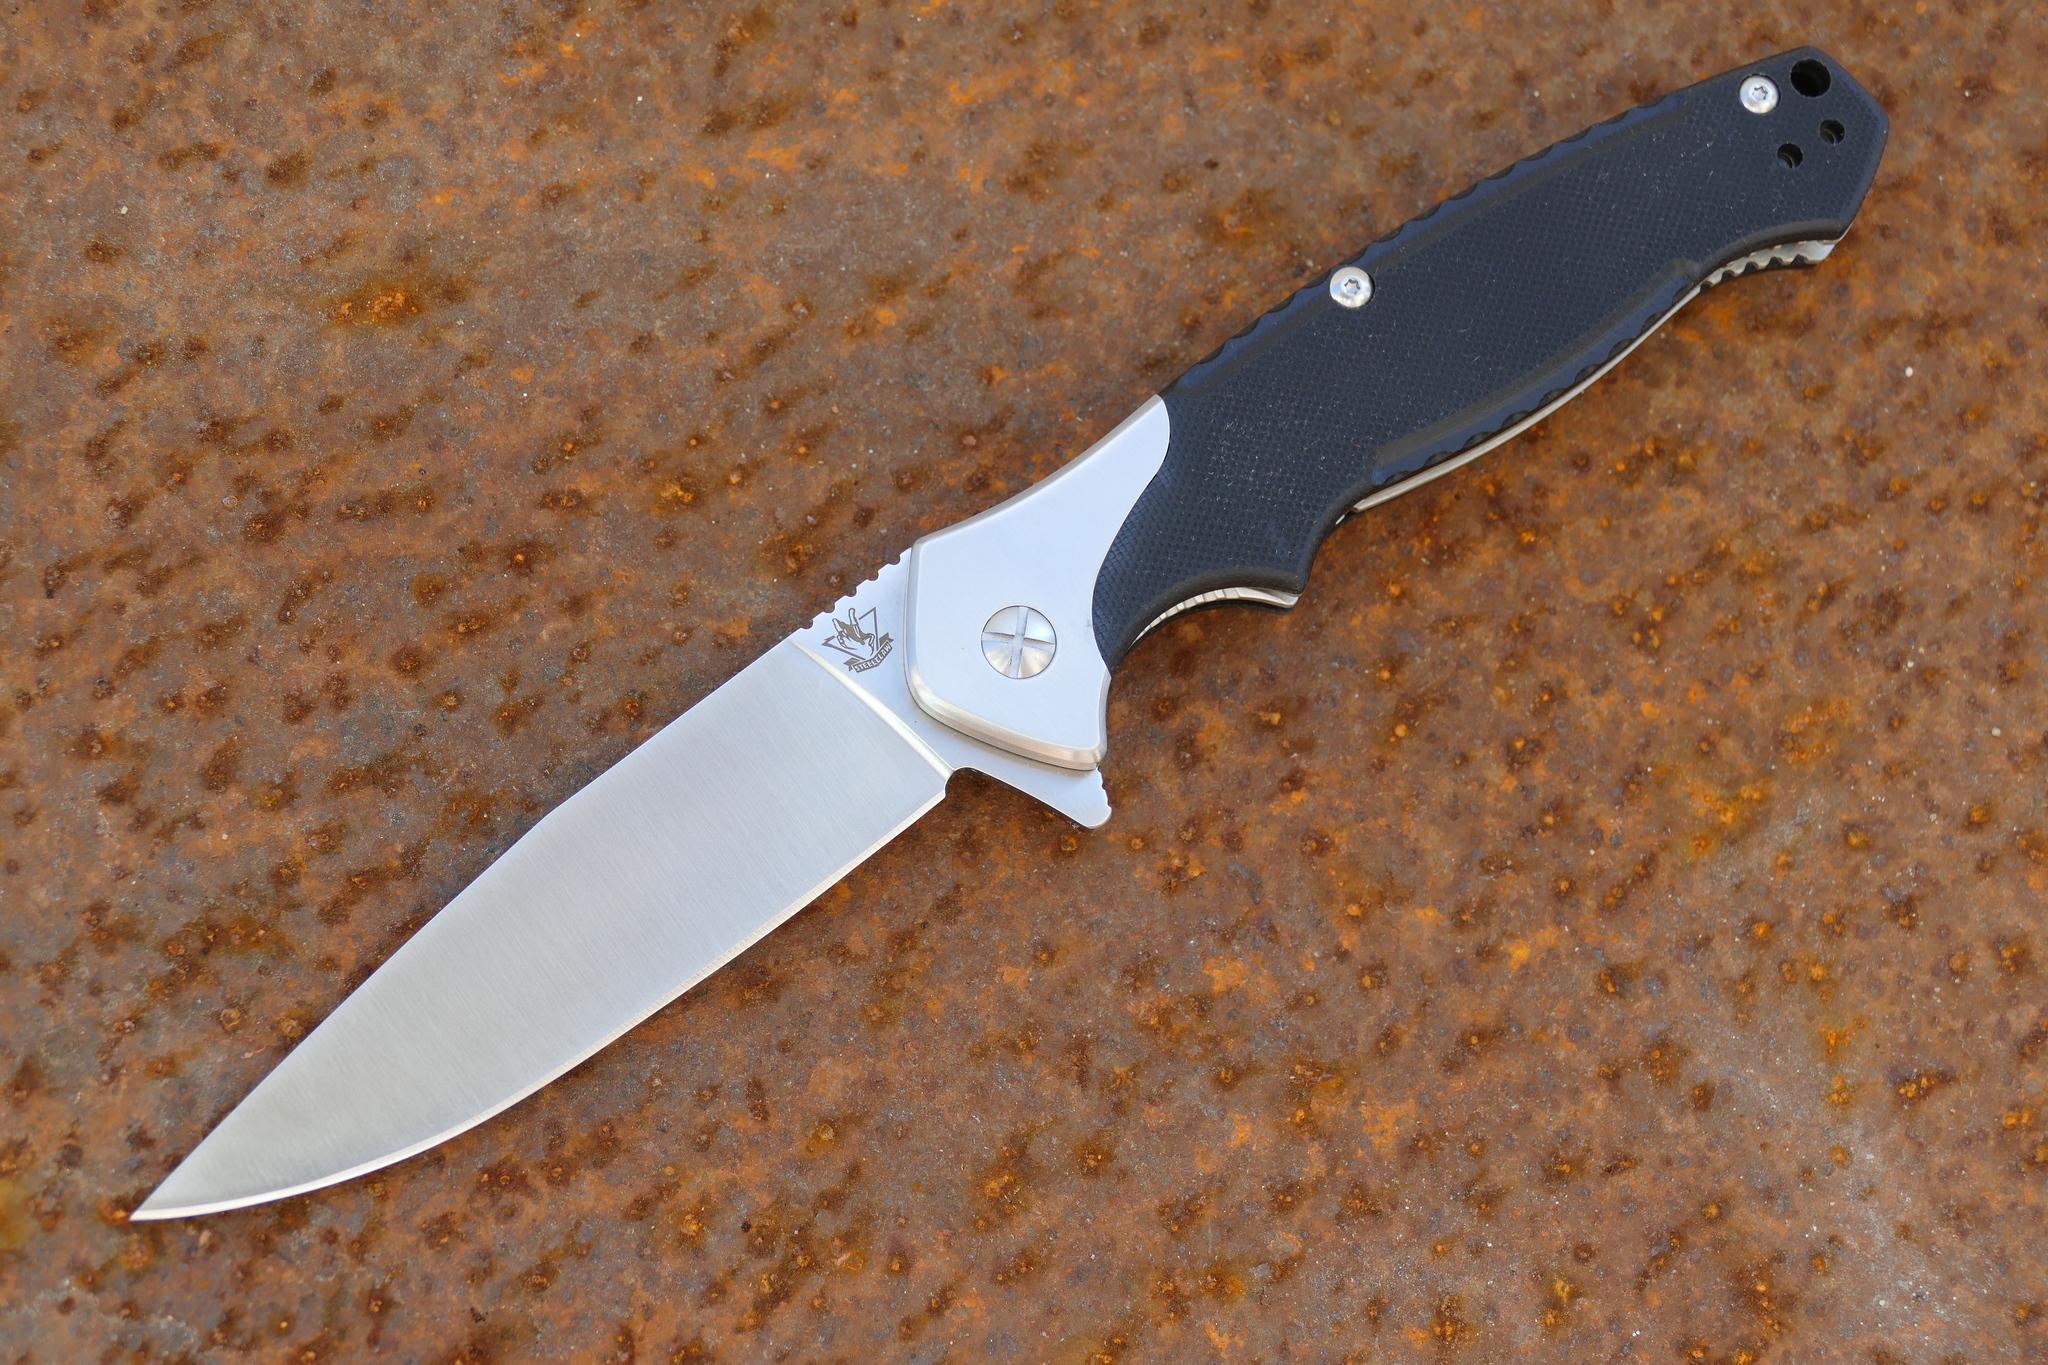 Складной нож СекуторРаскладные ножи<br>Складной нож Секутор это отличный вариант для различных видов аутдор-активности. Нож имеет массивные размеры, которые позволяют использовать его для выполнения силовой работы. Клинок обладает легким понижением в обухе и острым кончиком. Таким ножом удобно чистить рыбу и разделывать небольшую дичь. Клинок изготовлен из нержавеющей инструментальной стали, которая прекрасно держит заточку и легко правится в полевых условиях. Для комфортного ношения предназначена мощная стальная клипса, которая может быть уставлена с любой стороны. В тыльной части размещено отверстие для темлячной петли.<br>